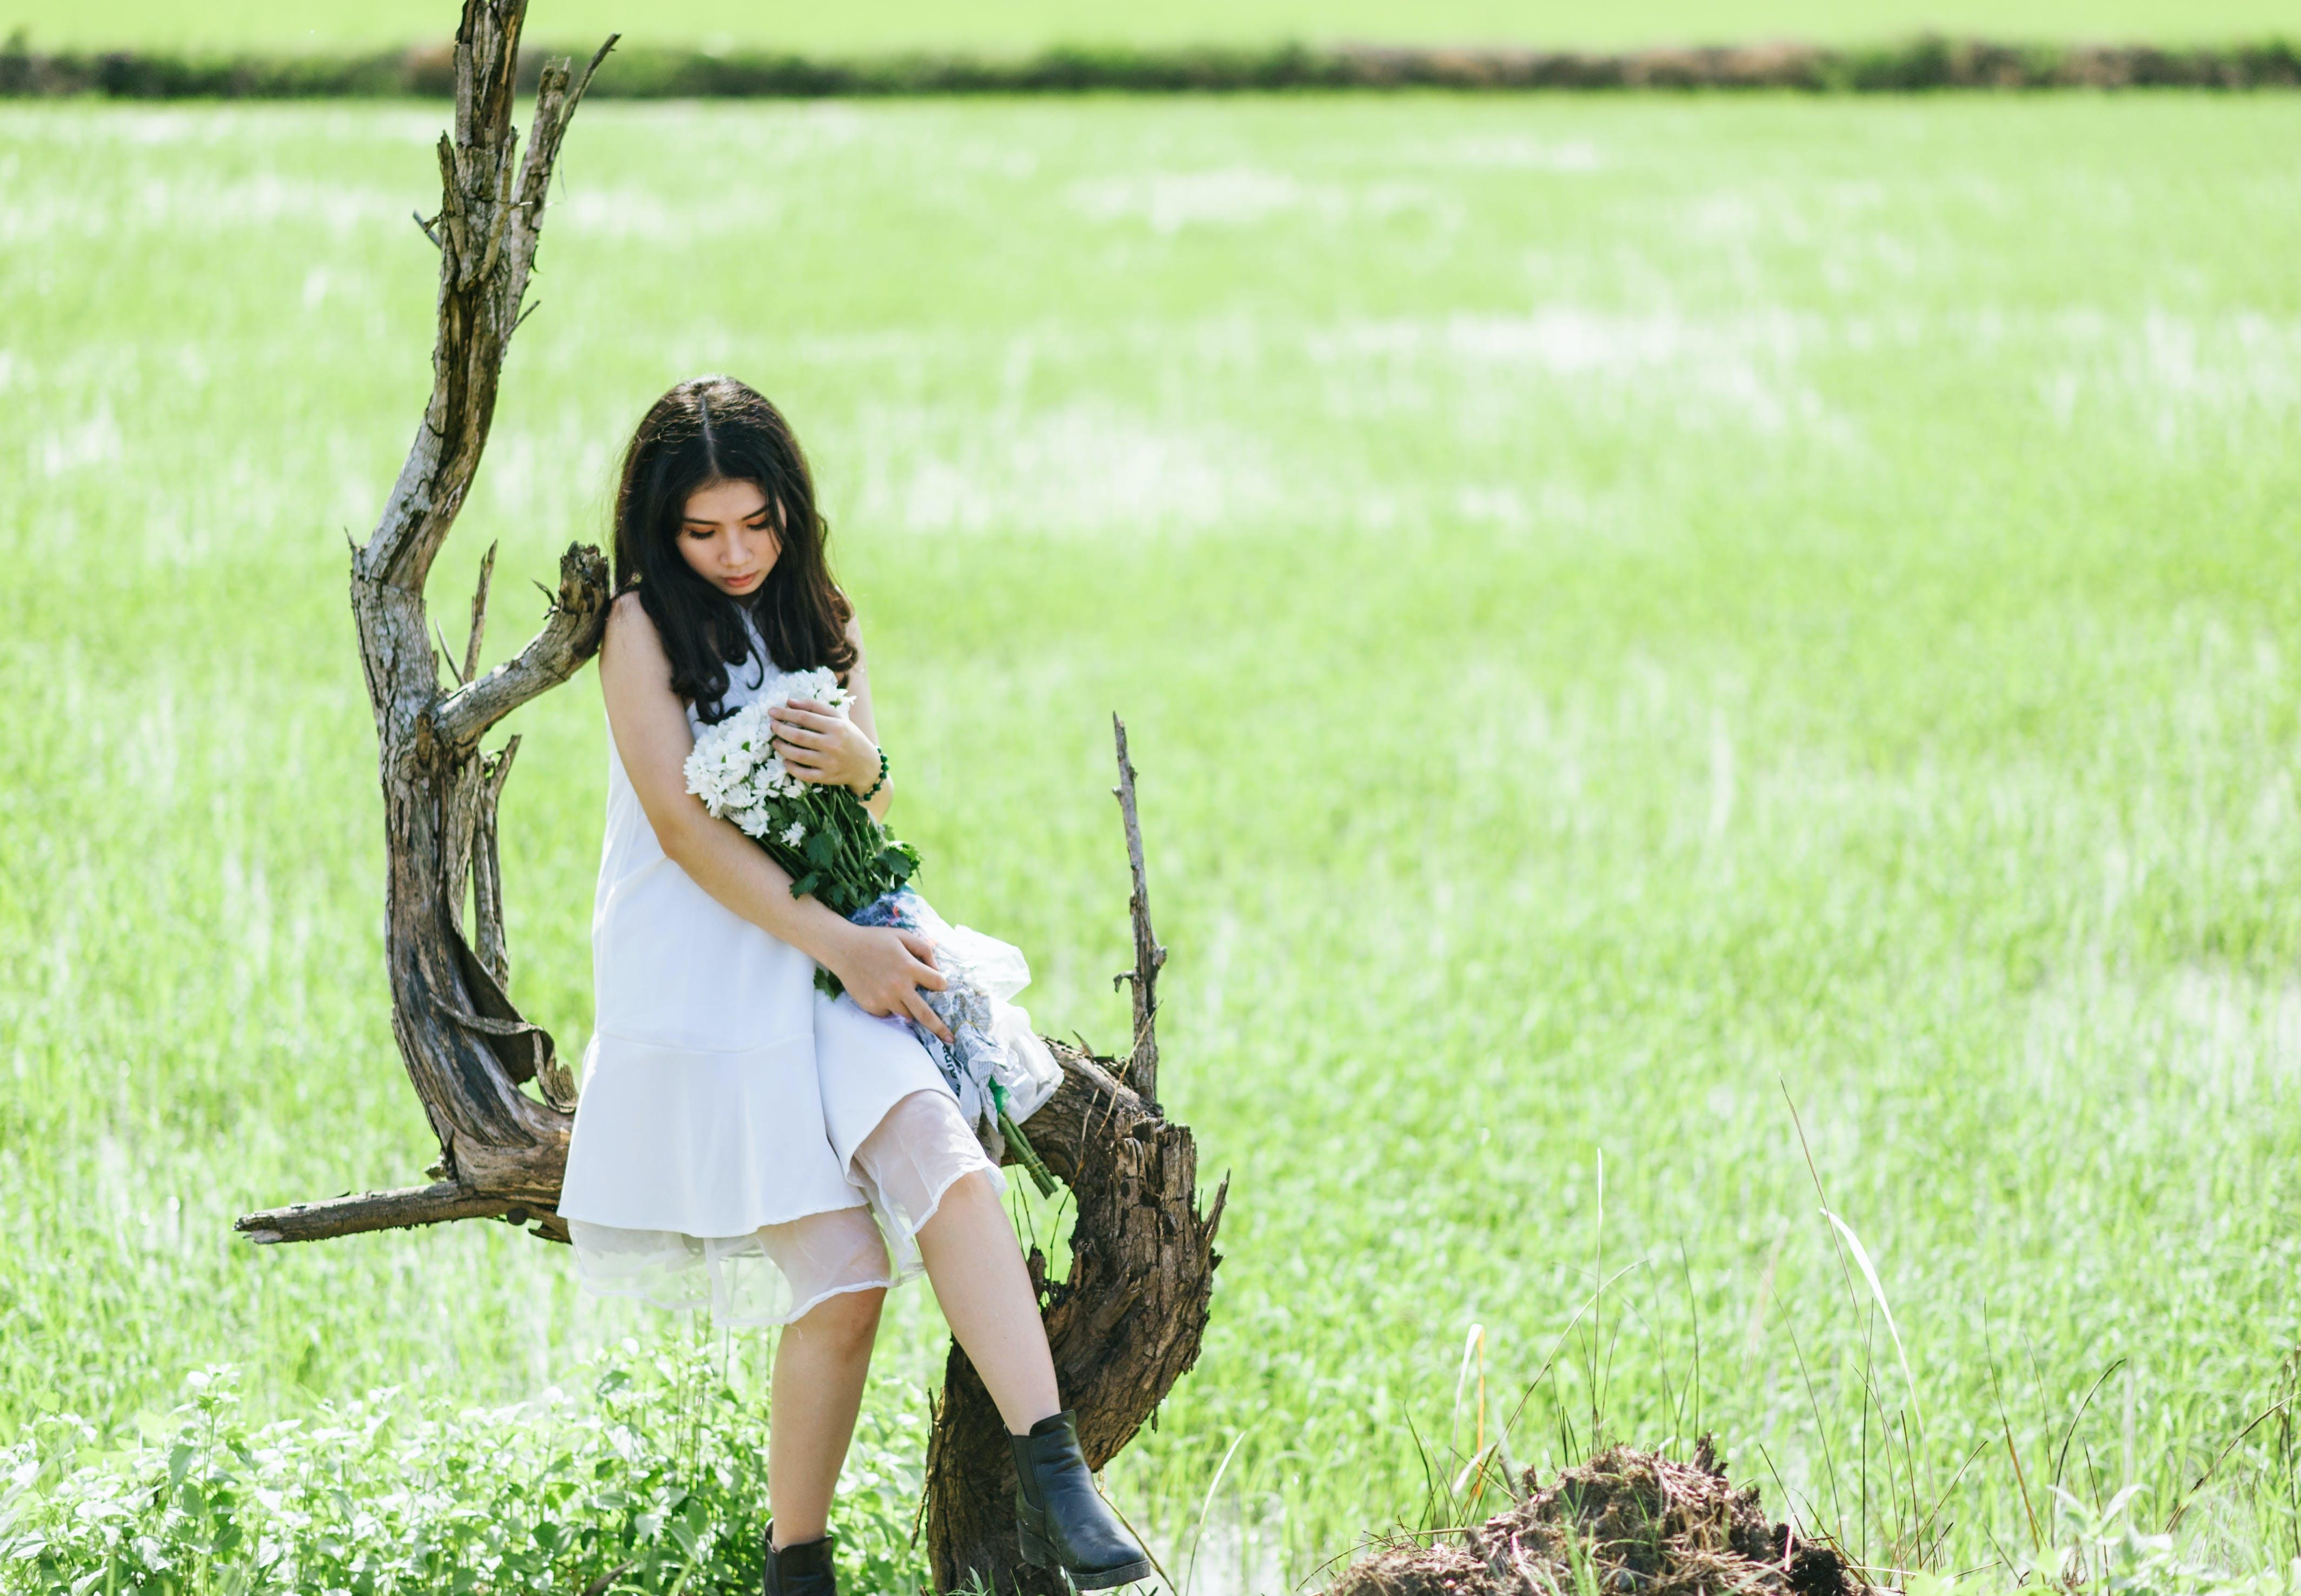 Základová fotografie zdarma na téma asiatka, asijská holka, denní, holka